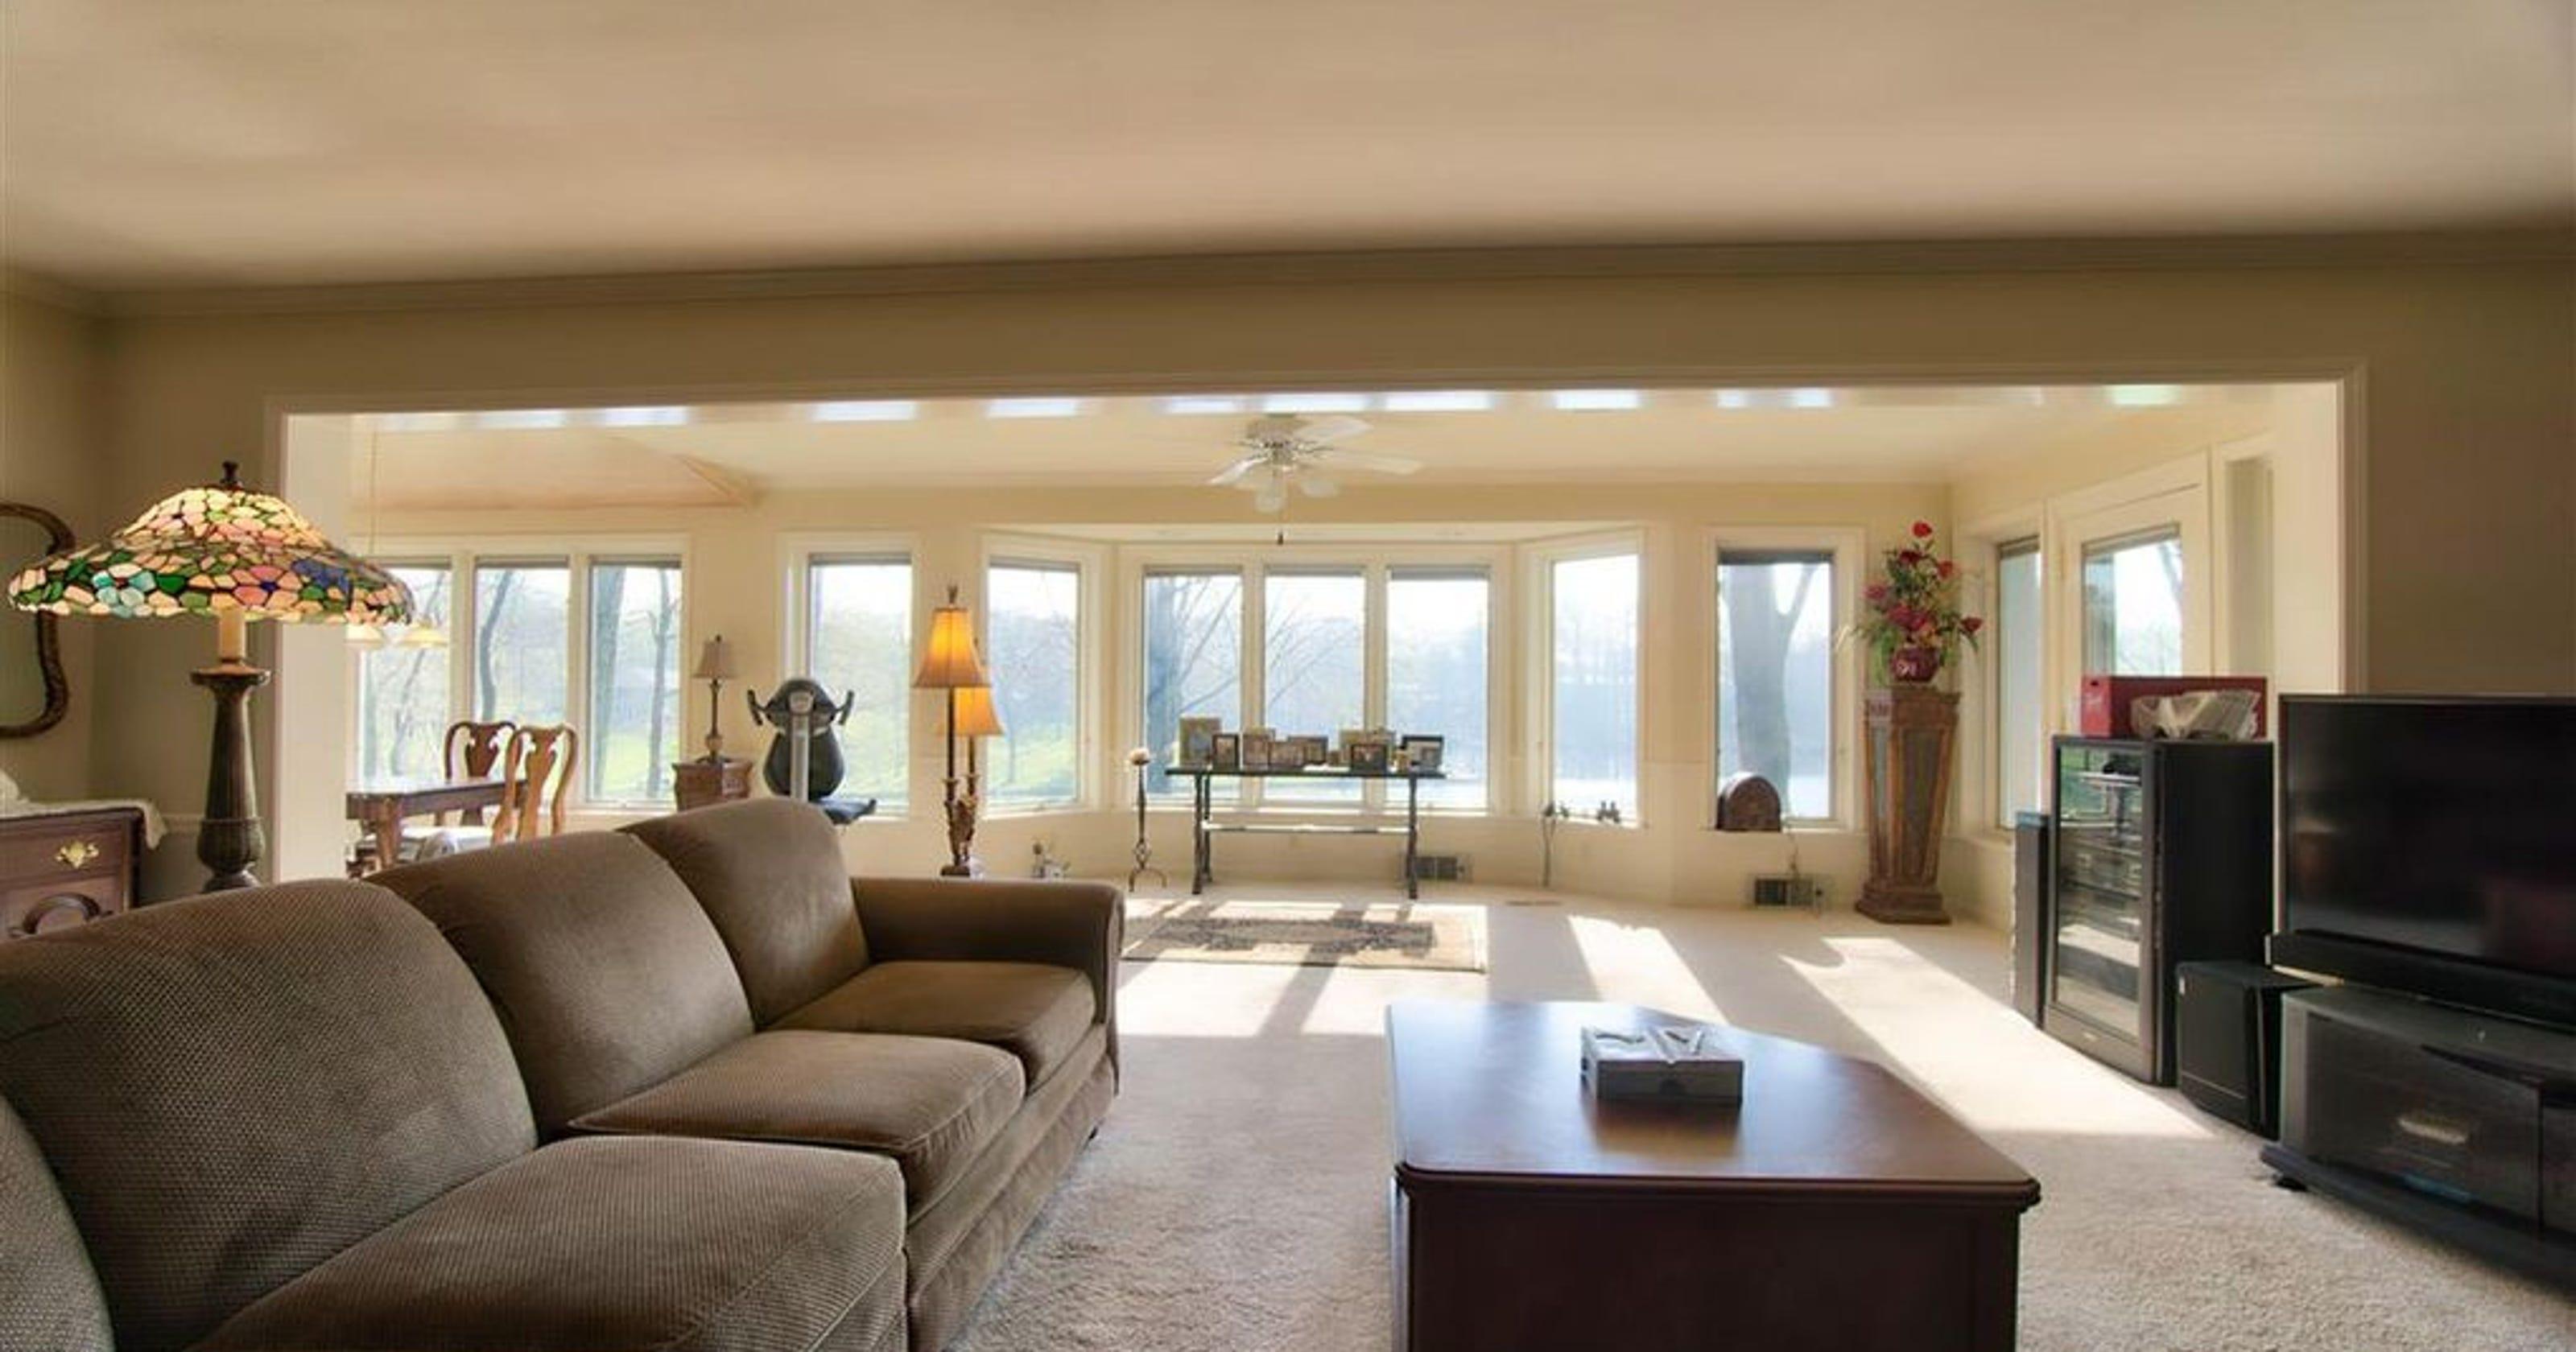 Unreal Estate Evansville Lakefront Property An Affordable